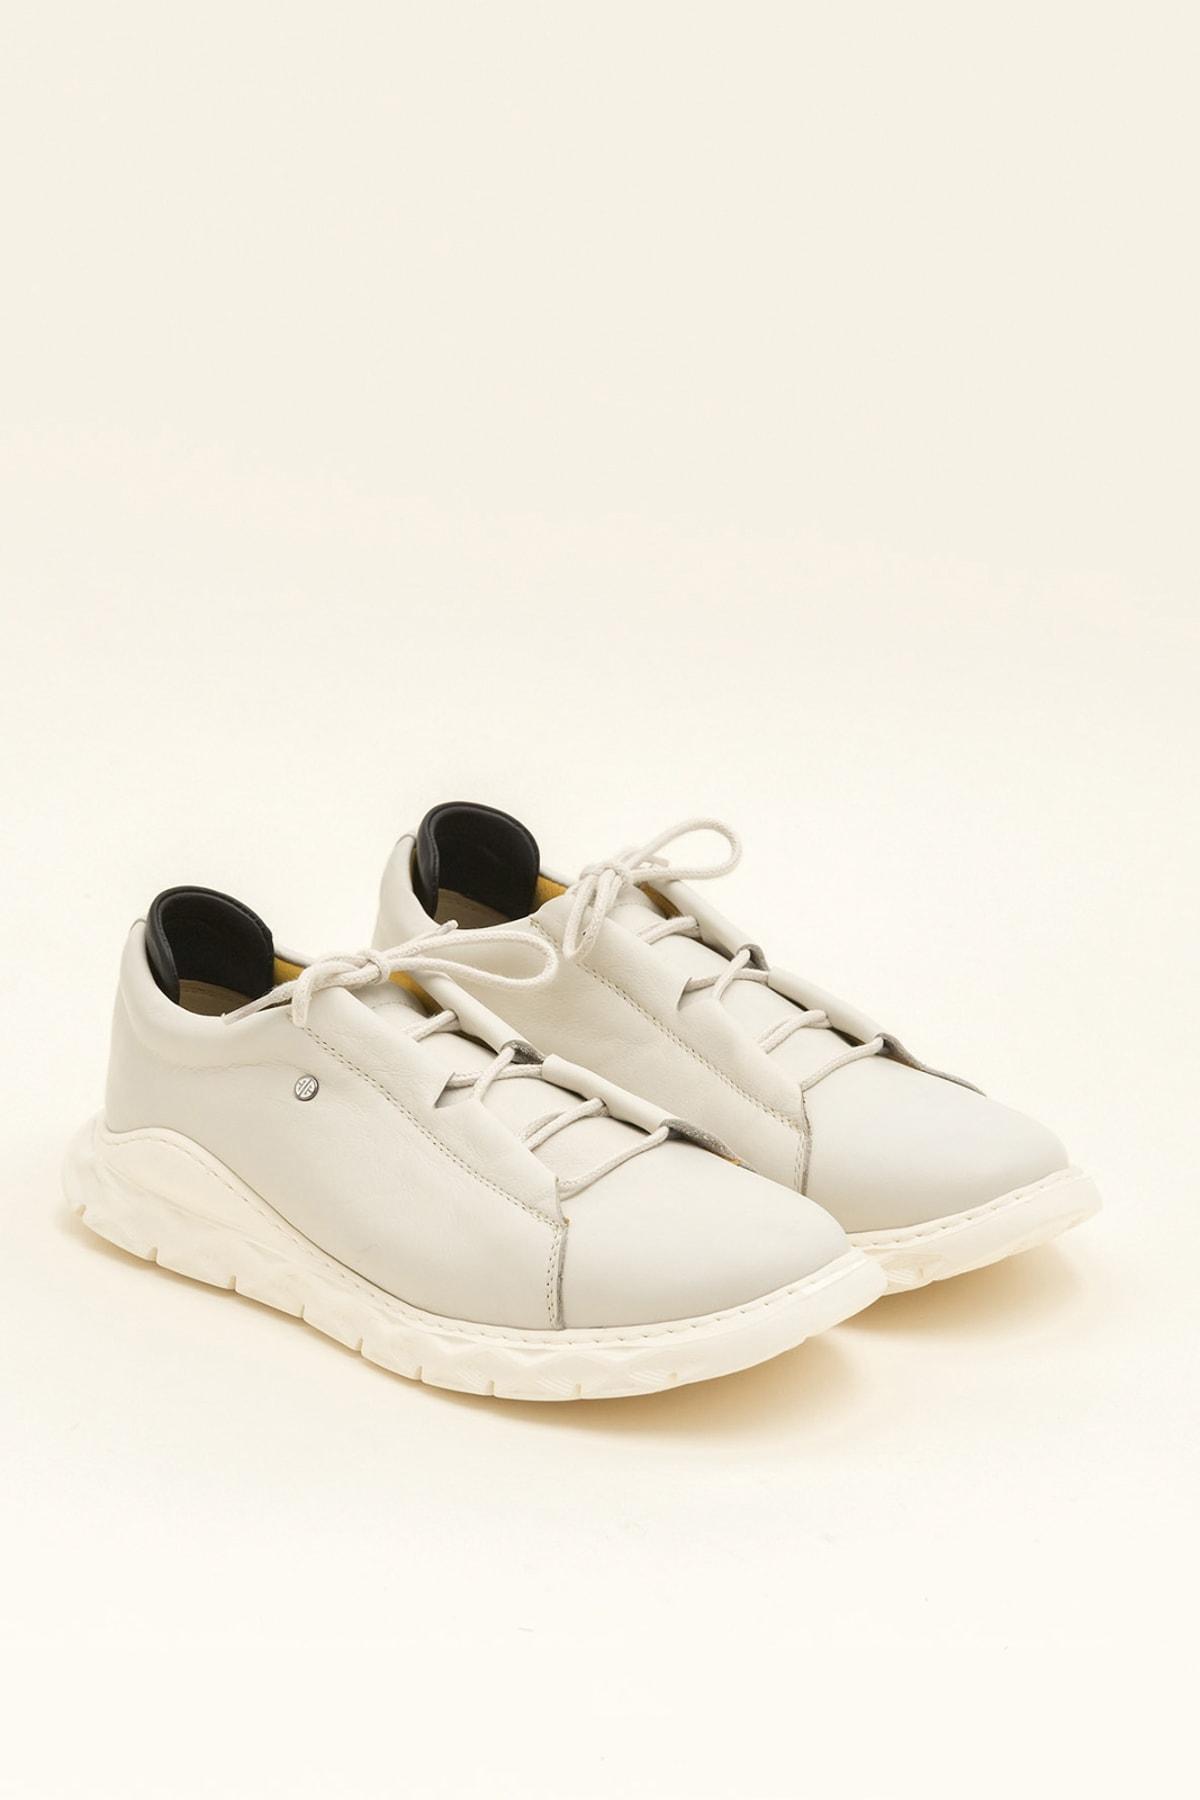 Elle Shoes MANOJI Hakiki Deri Bej Erkek Ayakkabı 2